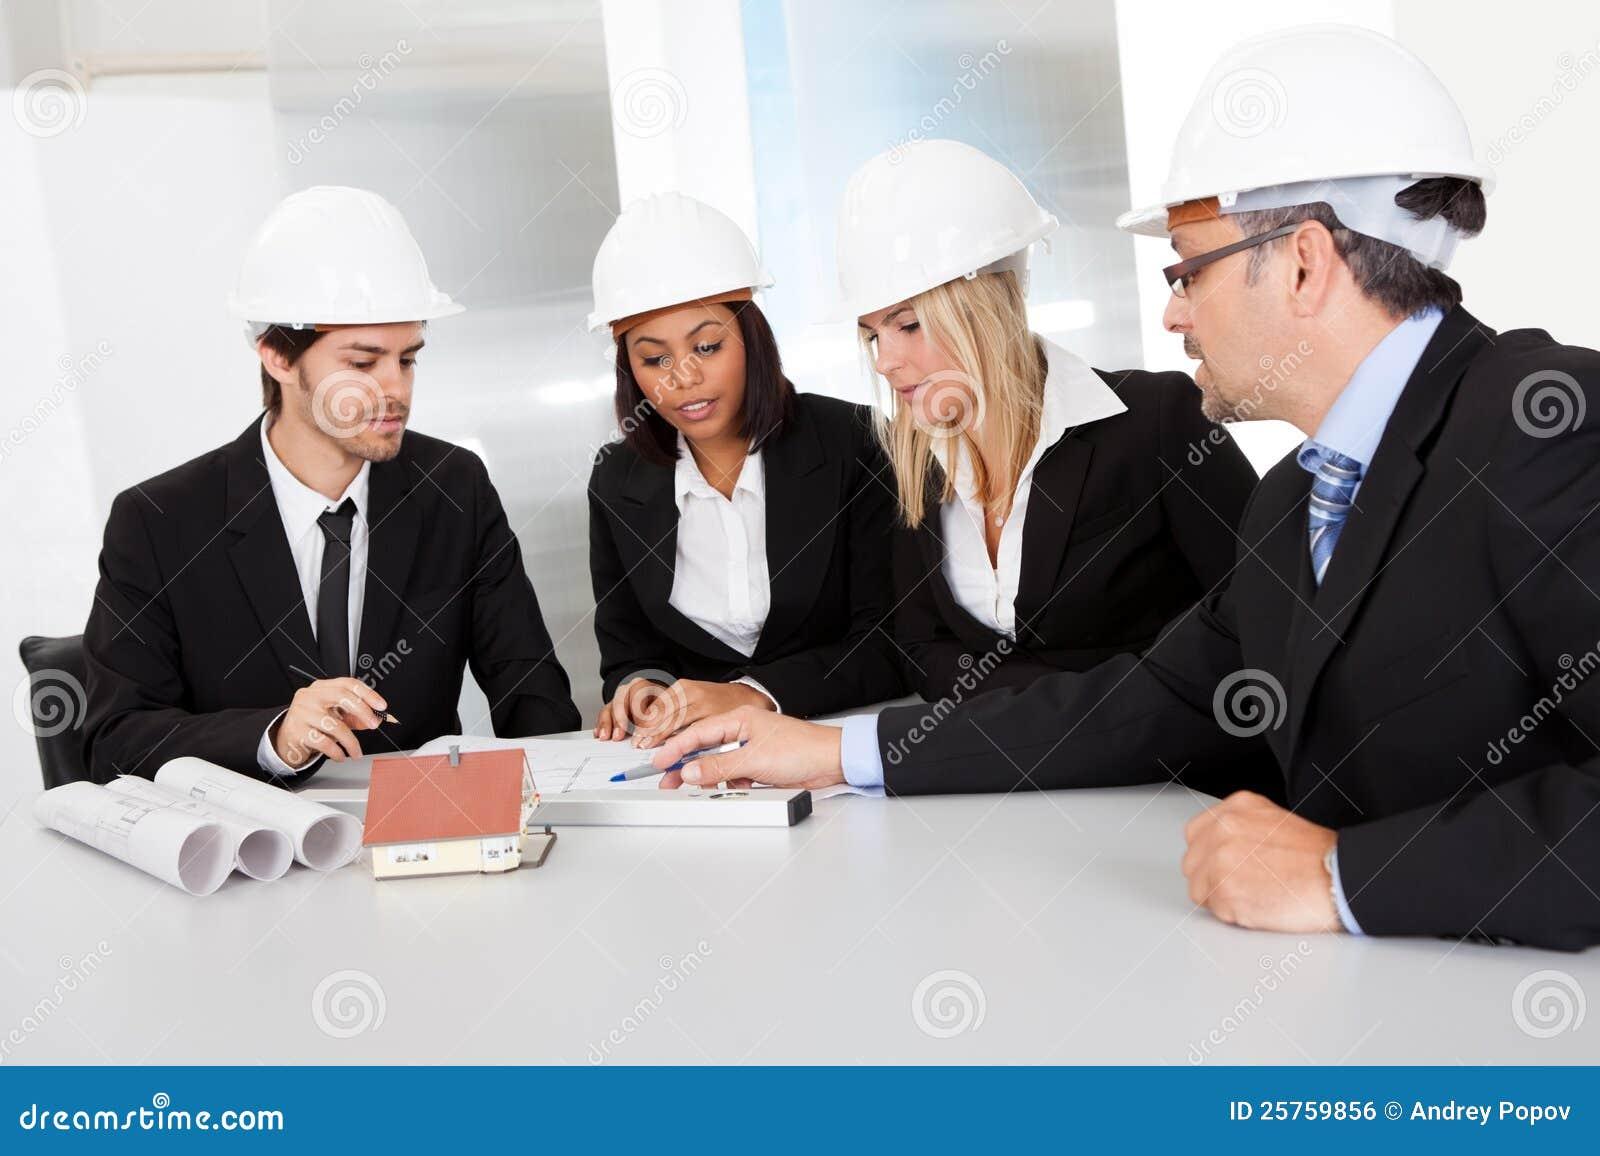 建筑师小组会议